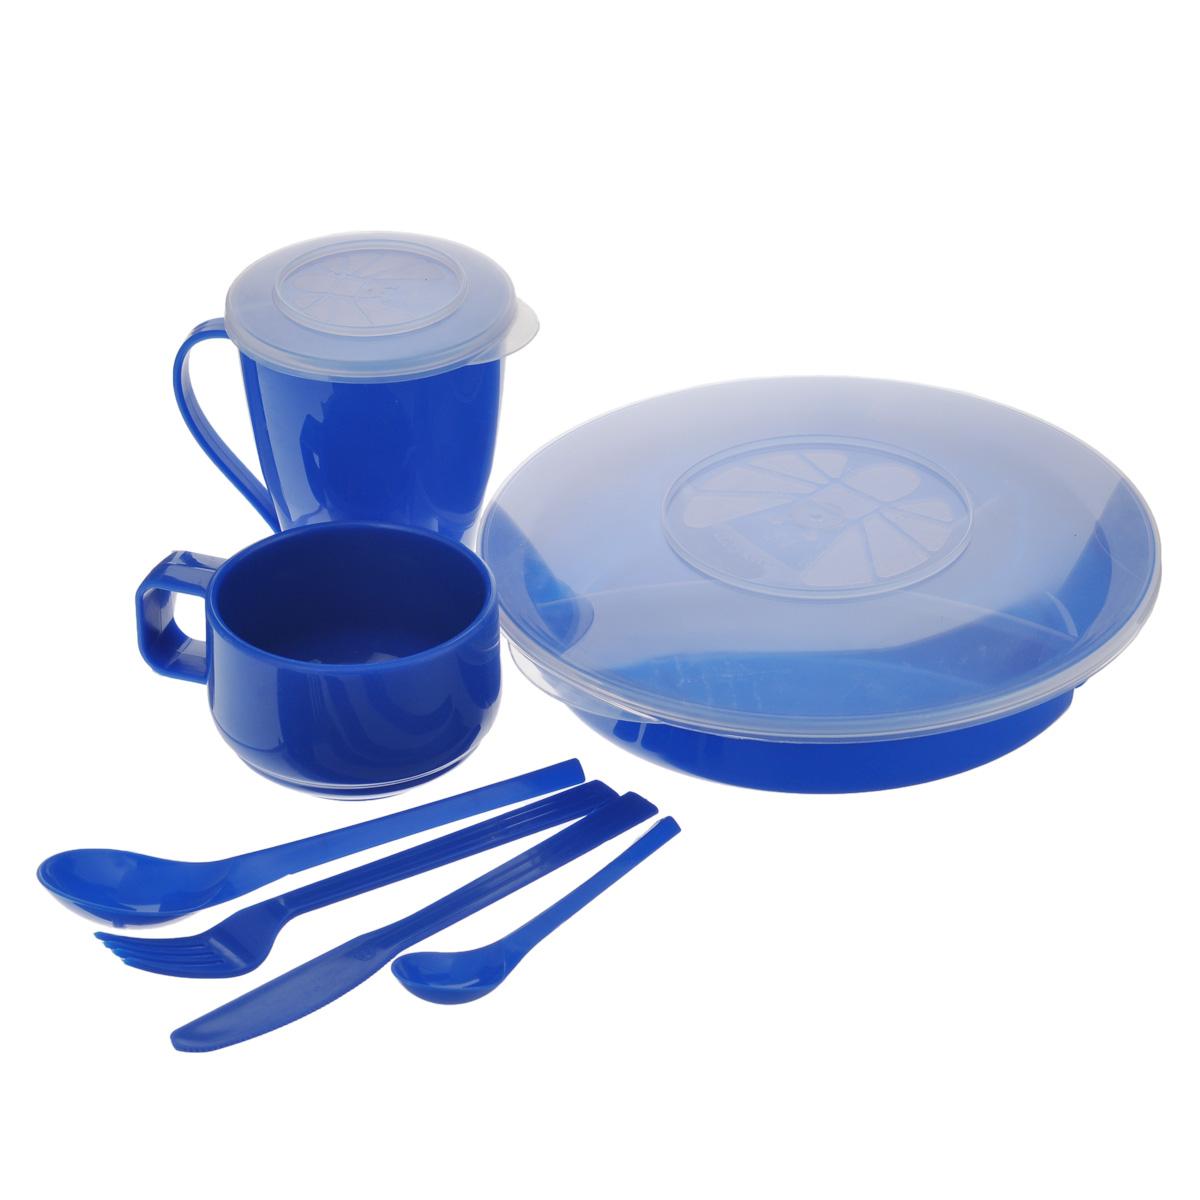 Набор посуды Solaris Вахтовый метод, цвет: синий, на 1 персону набор пищевых контейнеров solaris цвет синий 3 шт